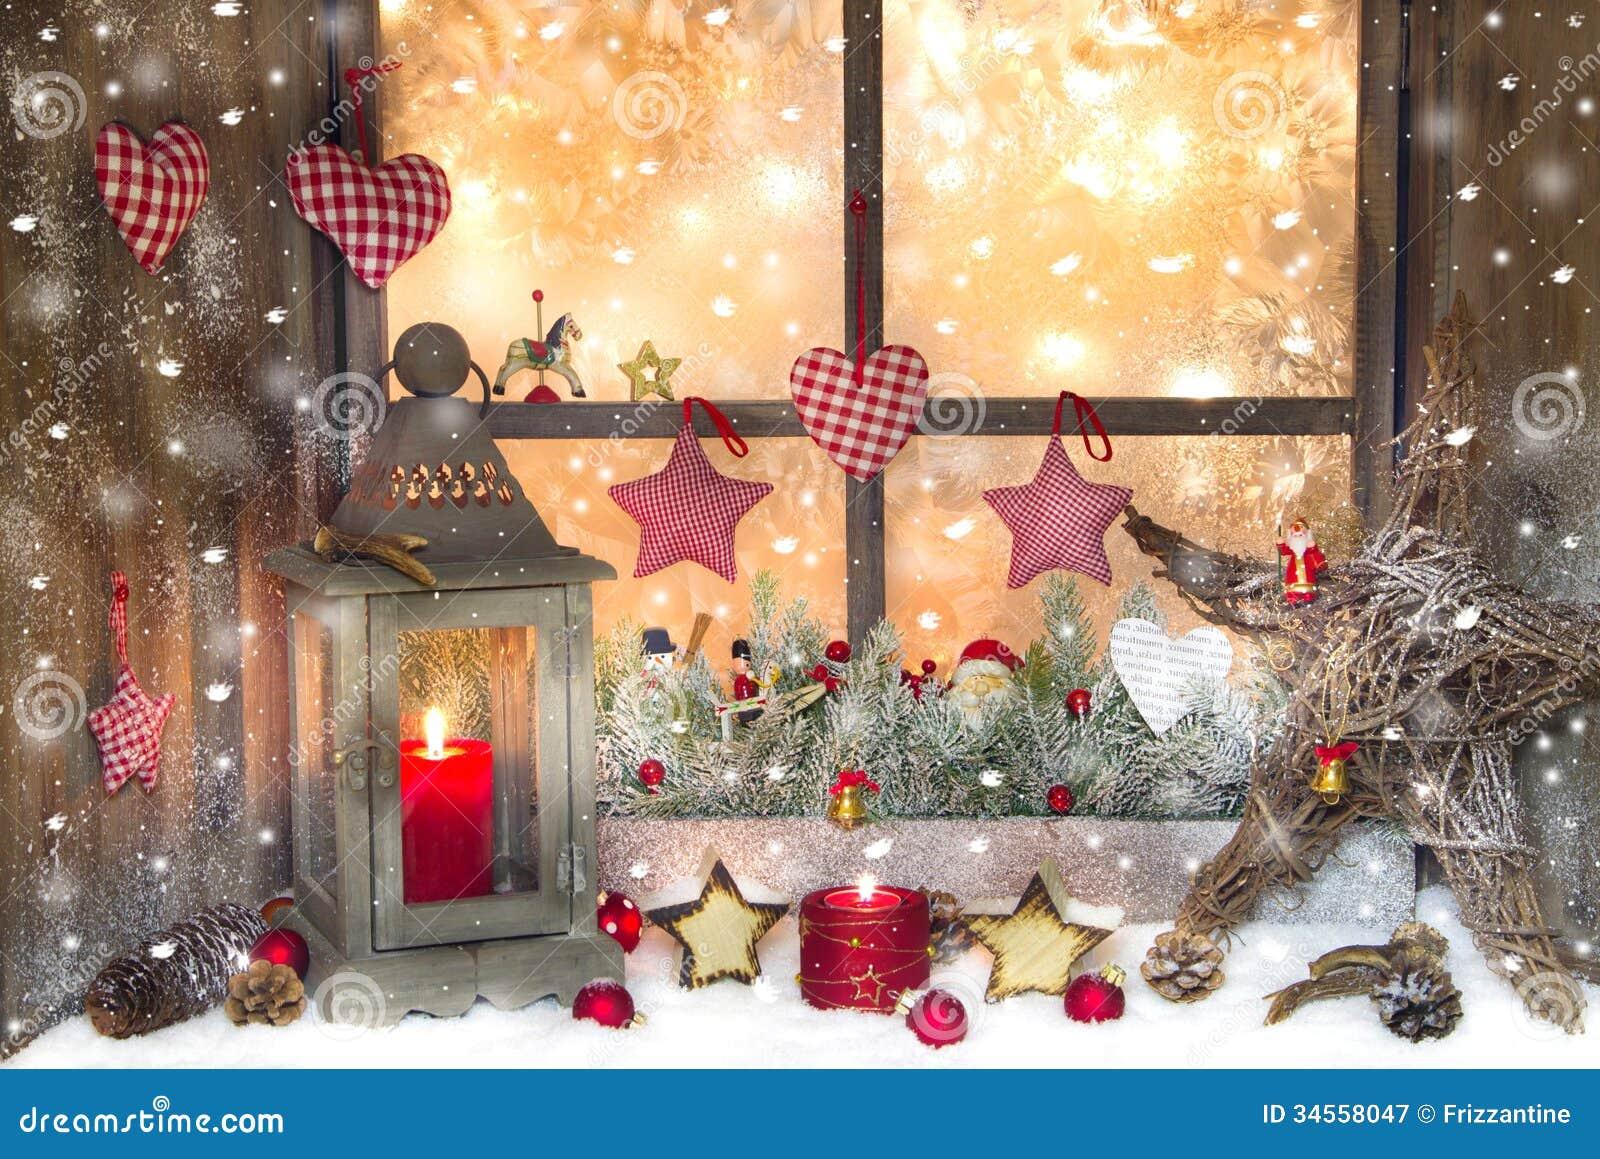 Décoration rouge de Noël avec la lanterne sur le filon-couche de fenêtre avec du bois